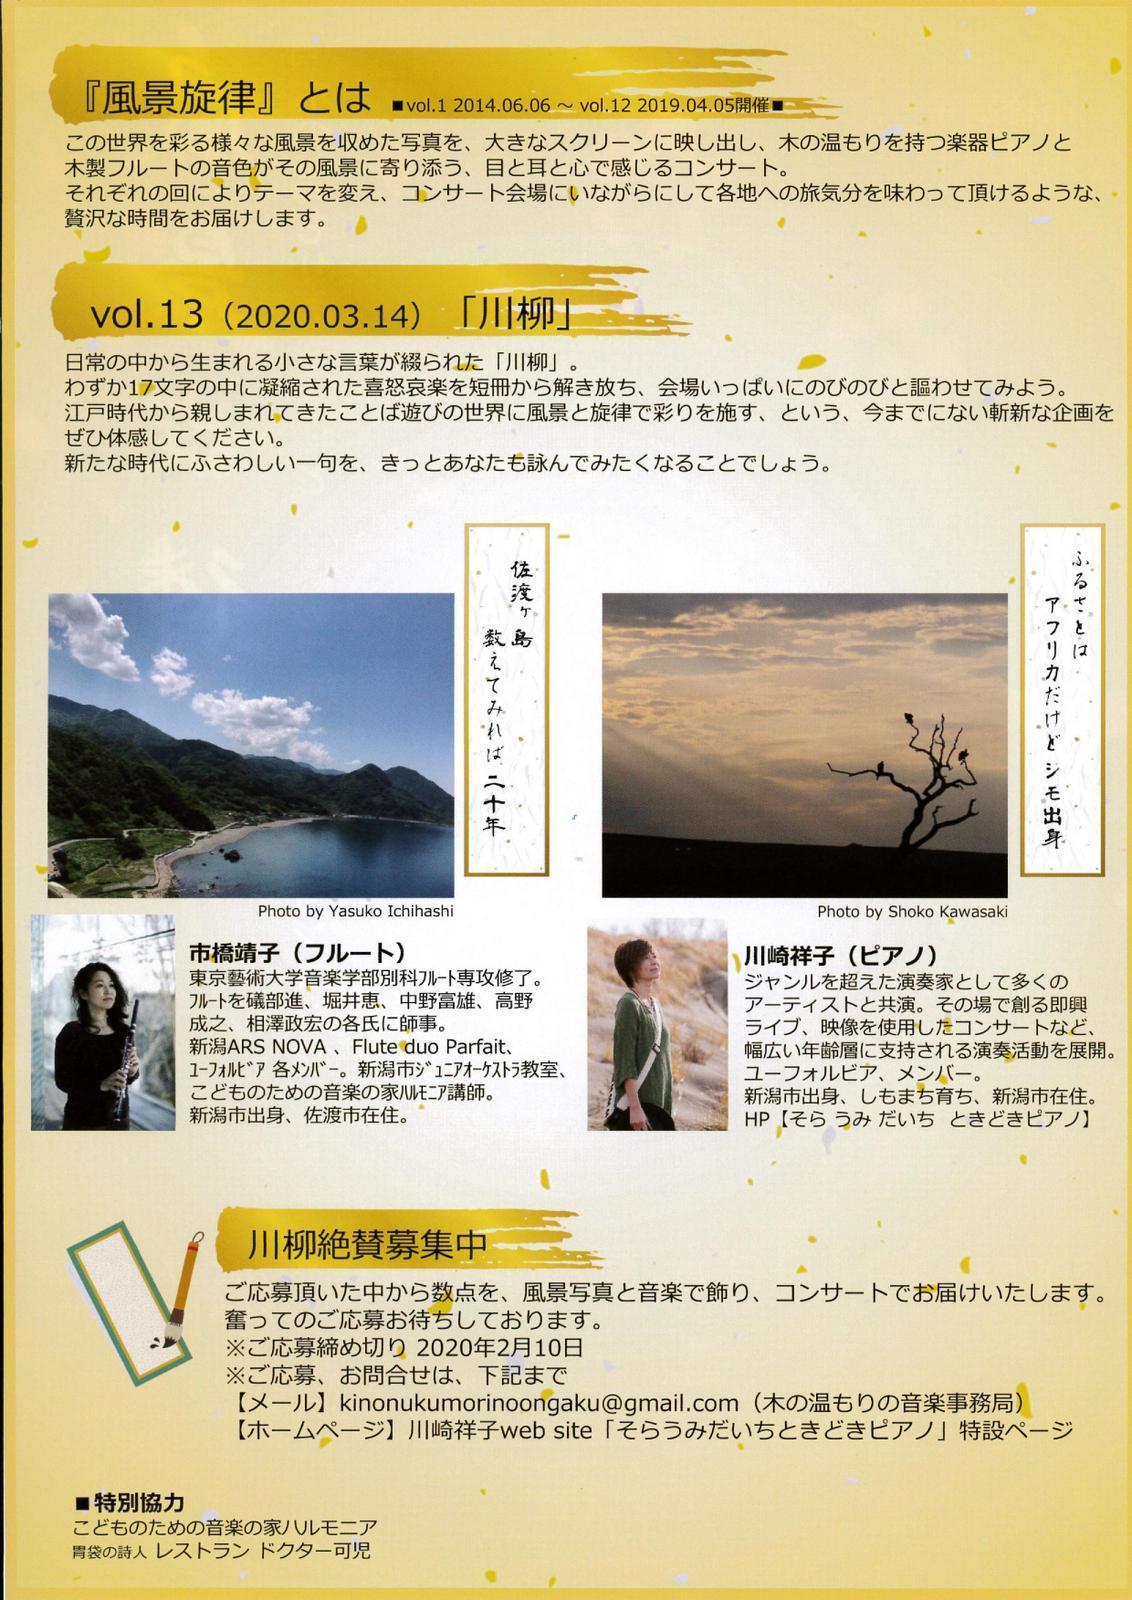 これは面白い!「風景旋律」、そして今年最初の週末は!_e0046190_17203601.jpg